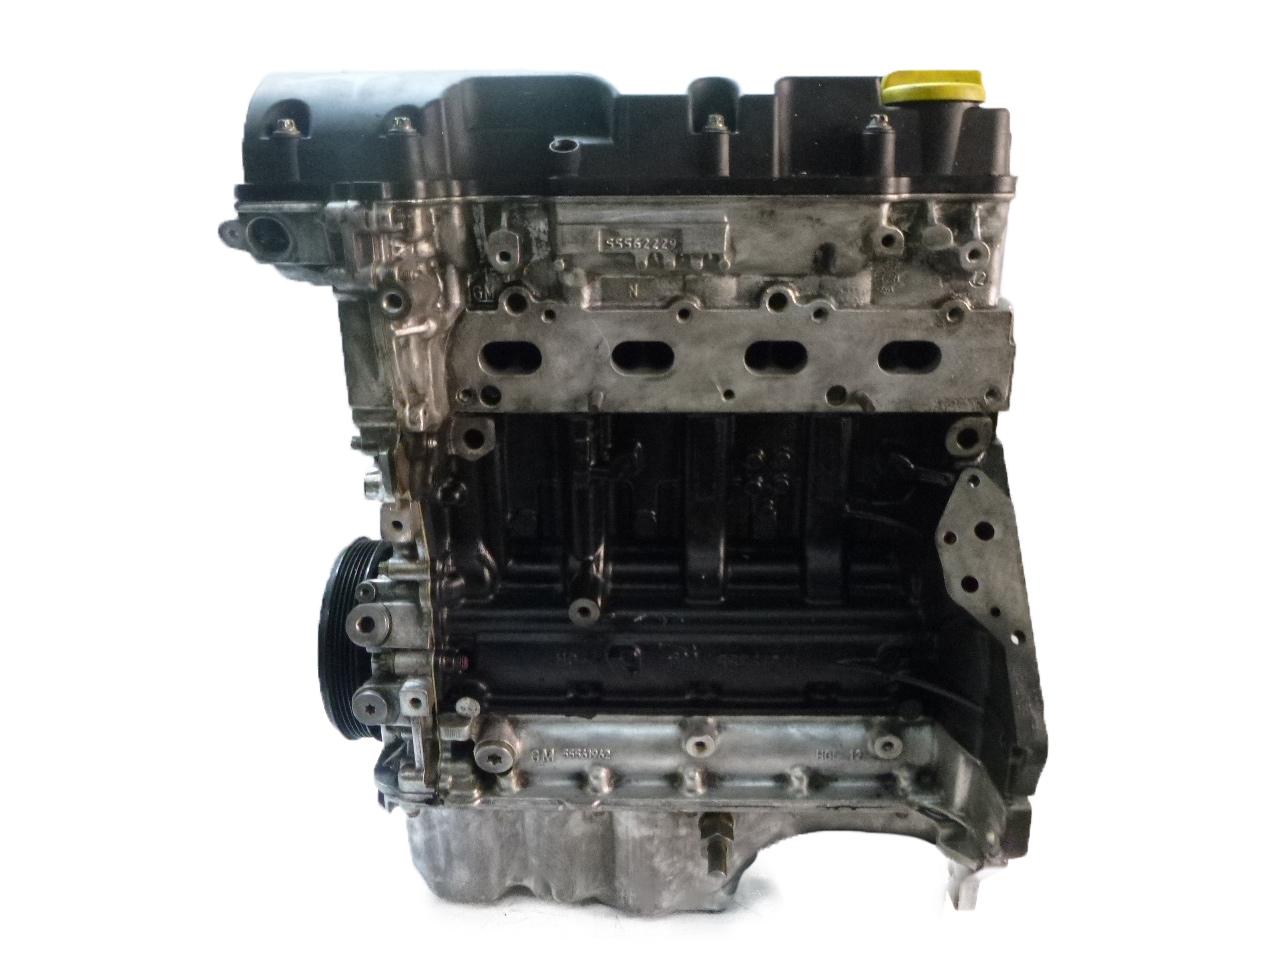 Motor Opel Chevrolet Corsa D Aveo 1,2 Benzin A12XER Kettensatz Dichtungen NEU